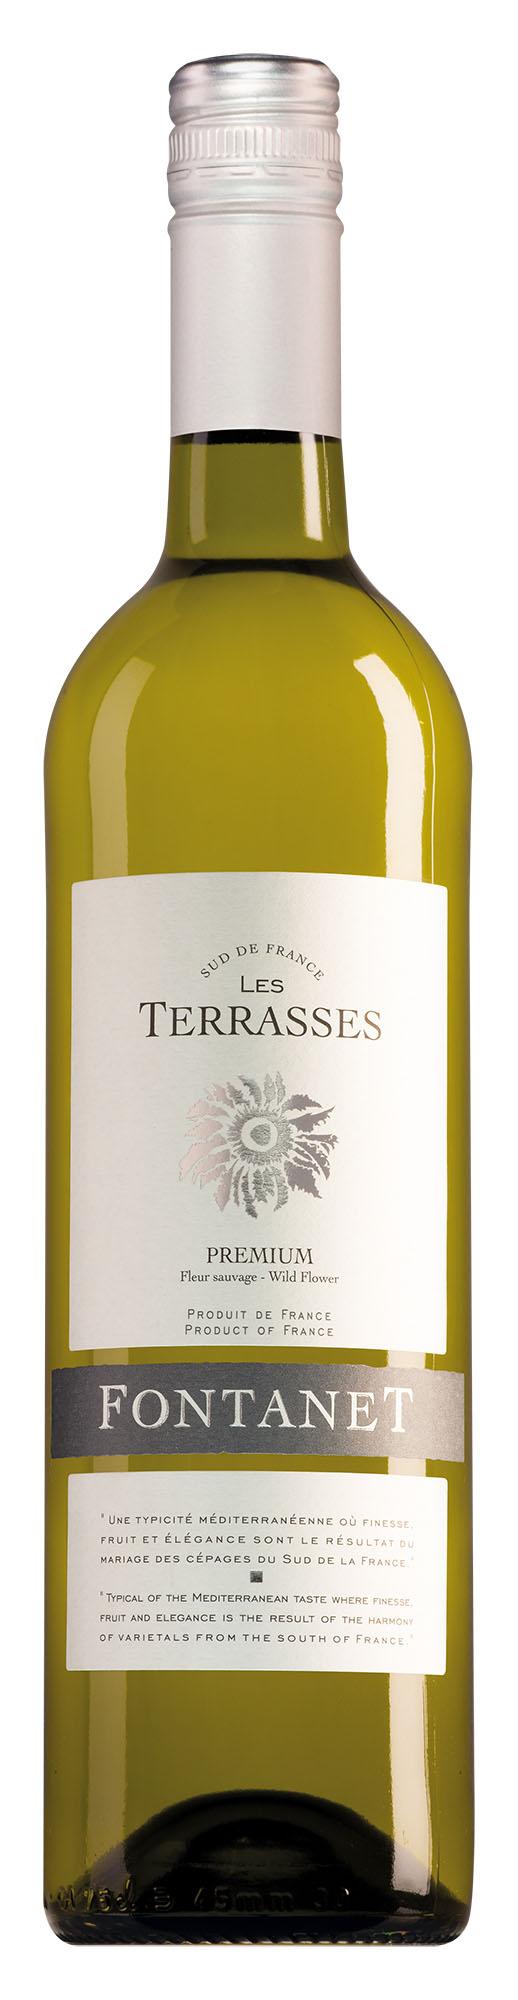 Fontanet Vin de France Les Terrasses wit